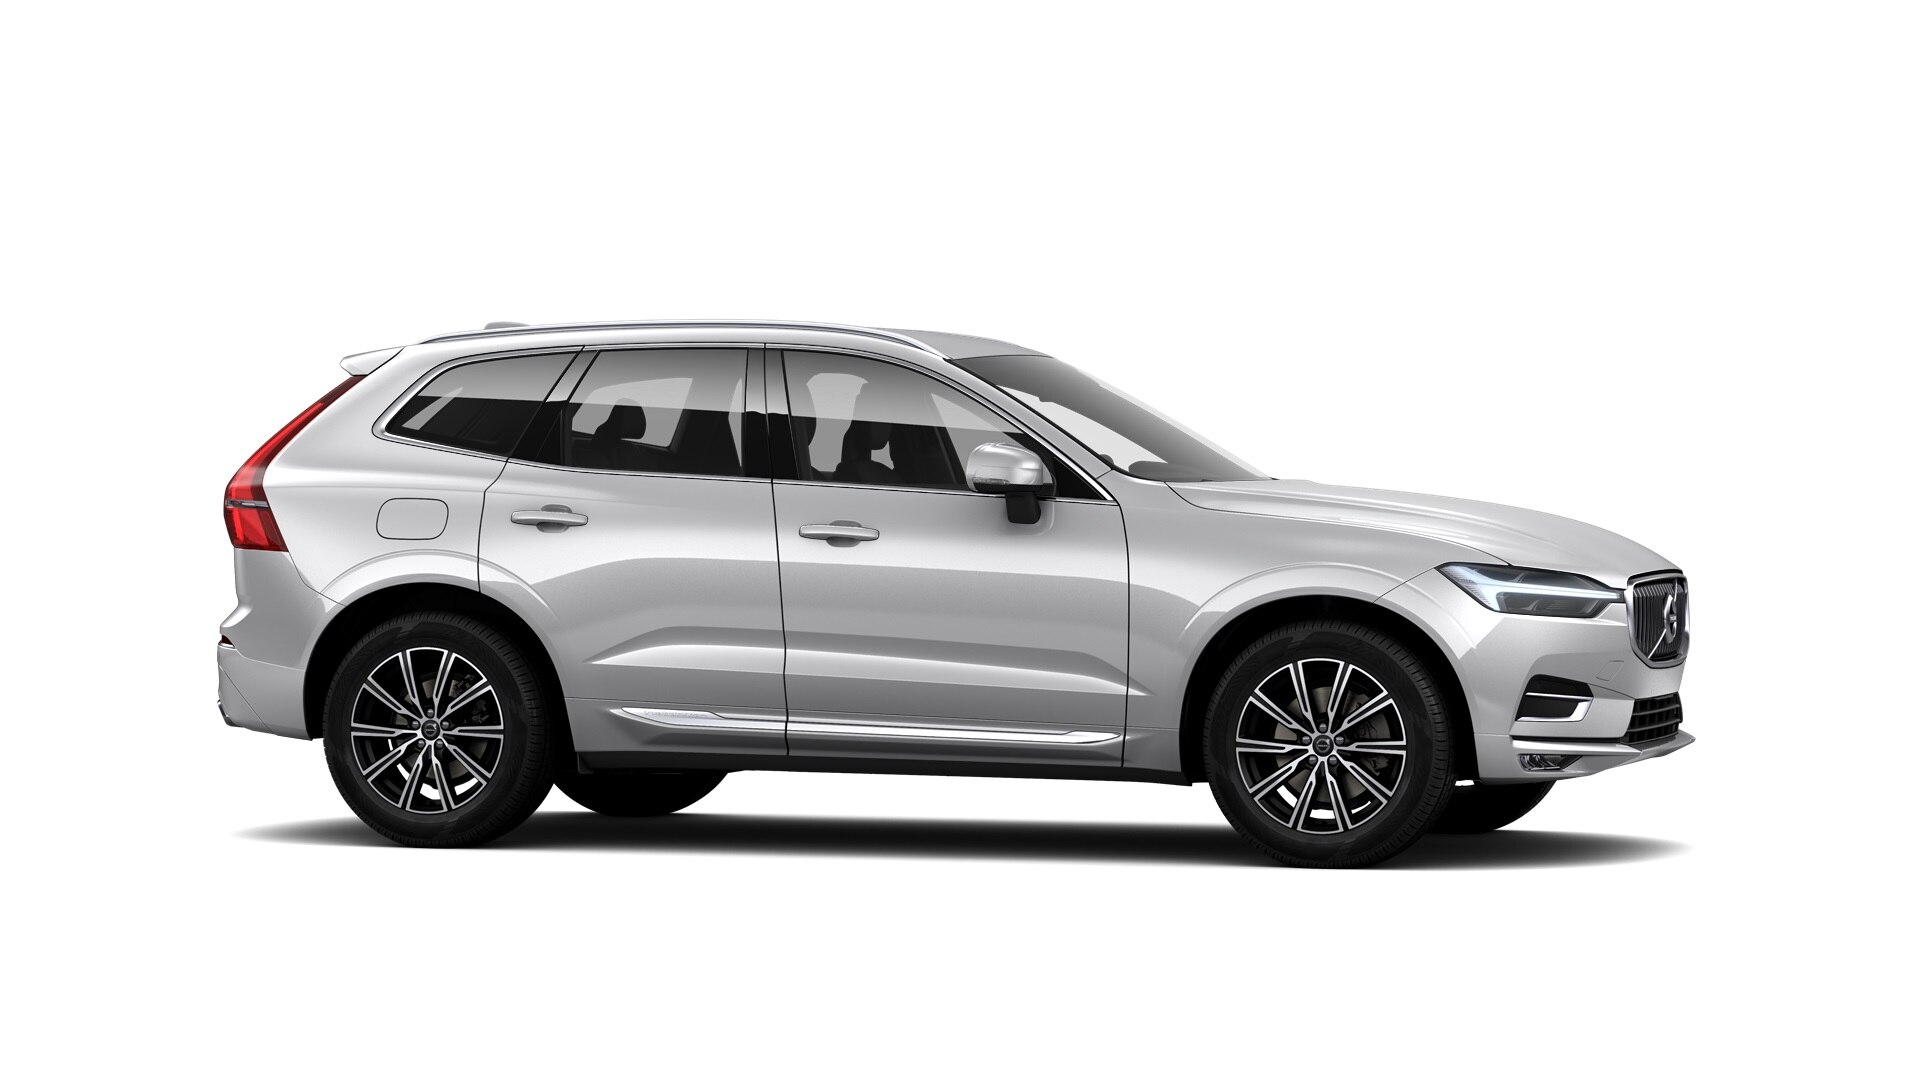 Volvo XC60 ilgalaikė automobilių nuoma | Sixt Leasing